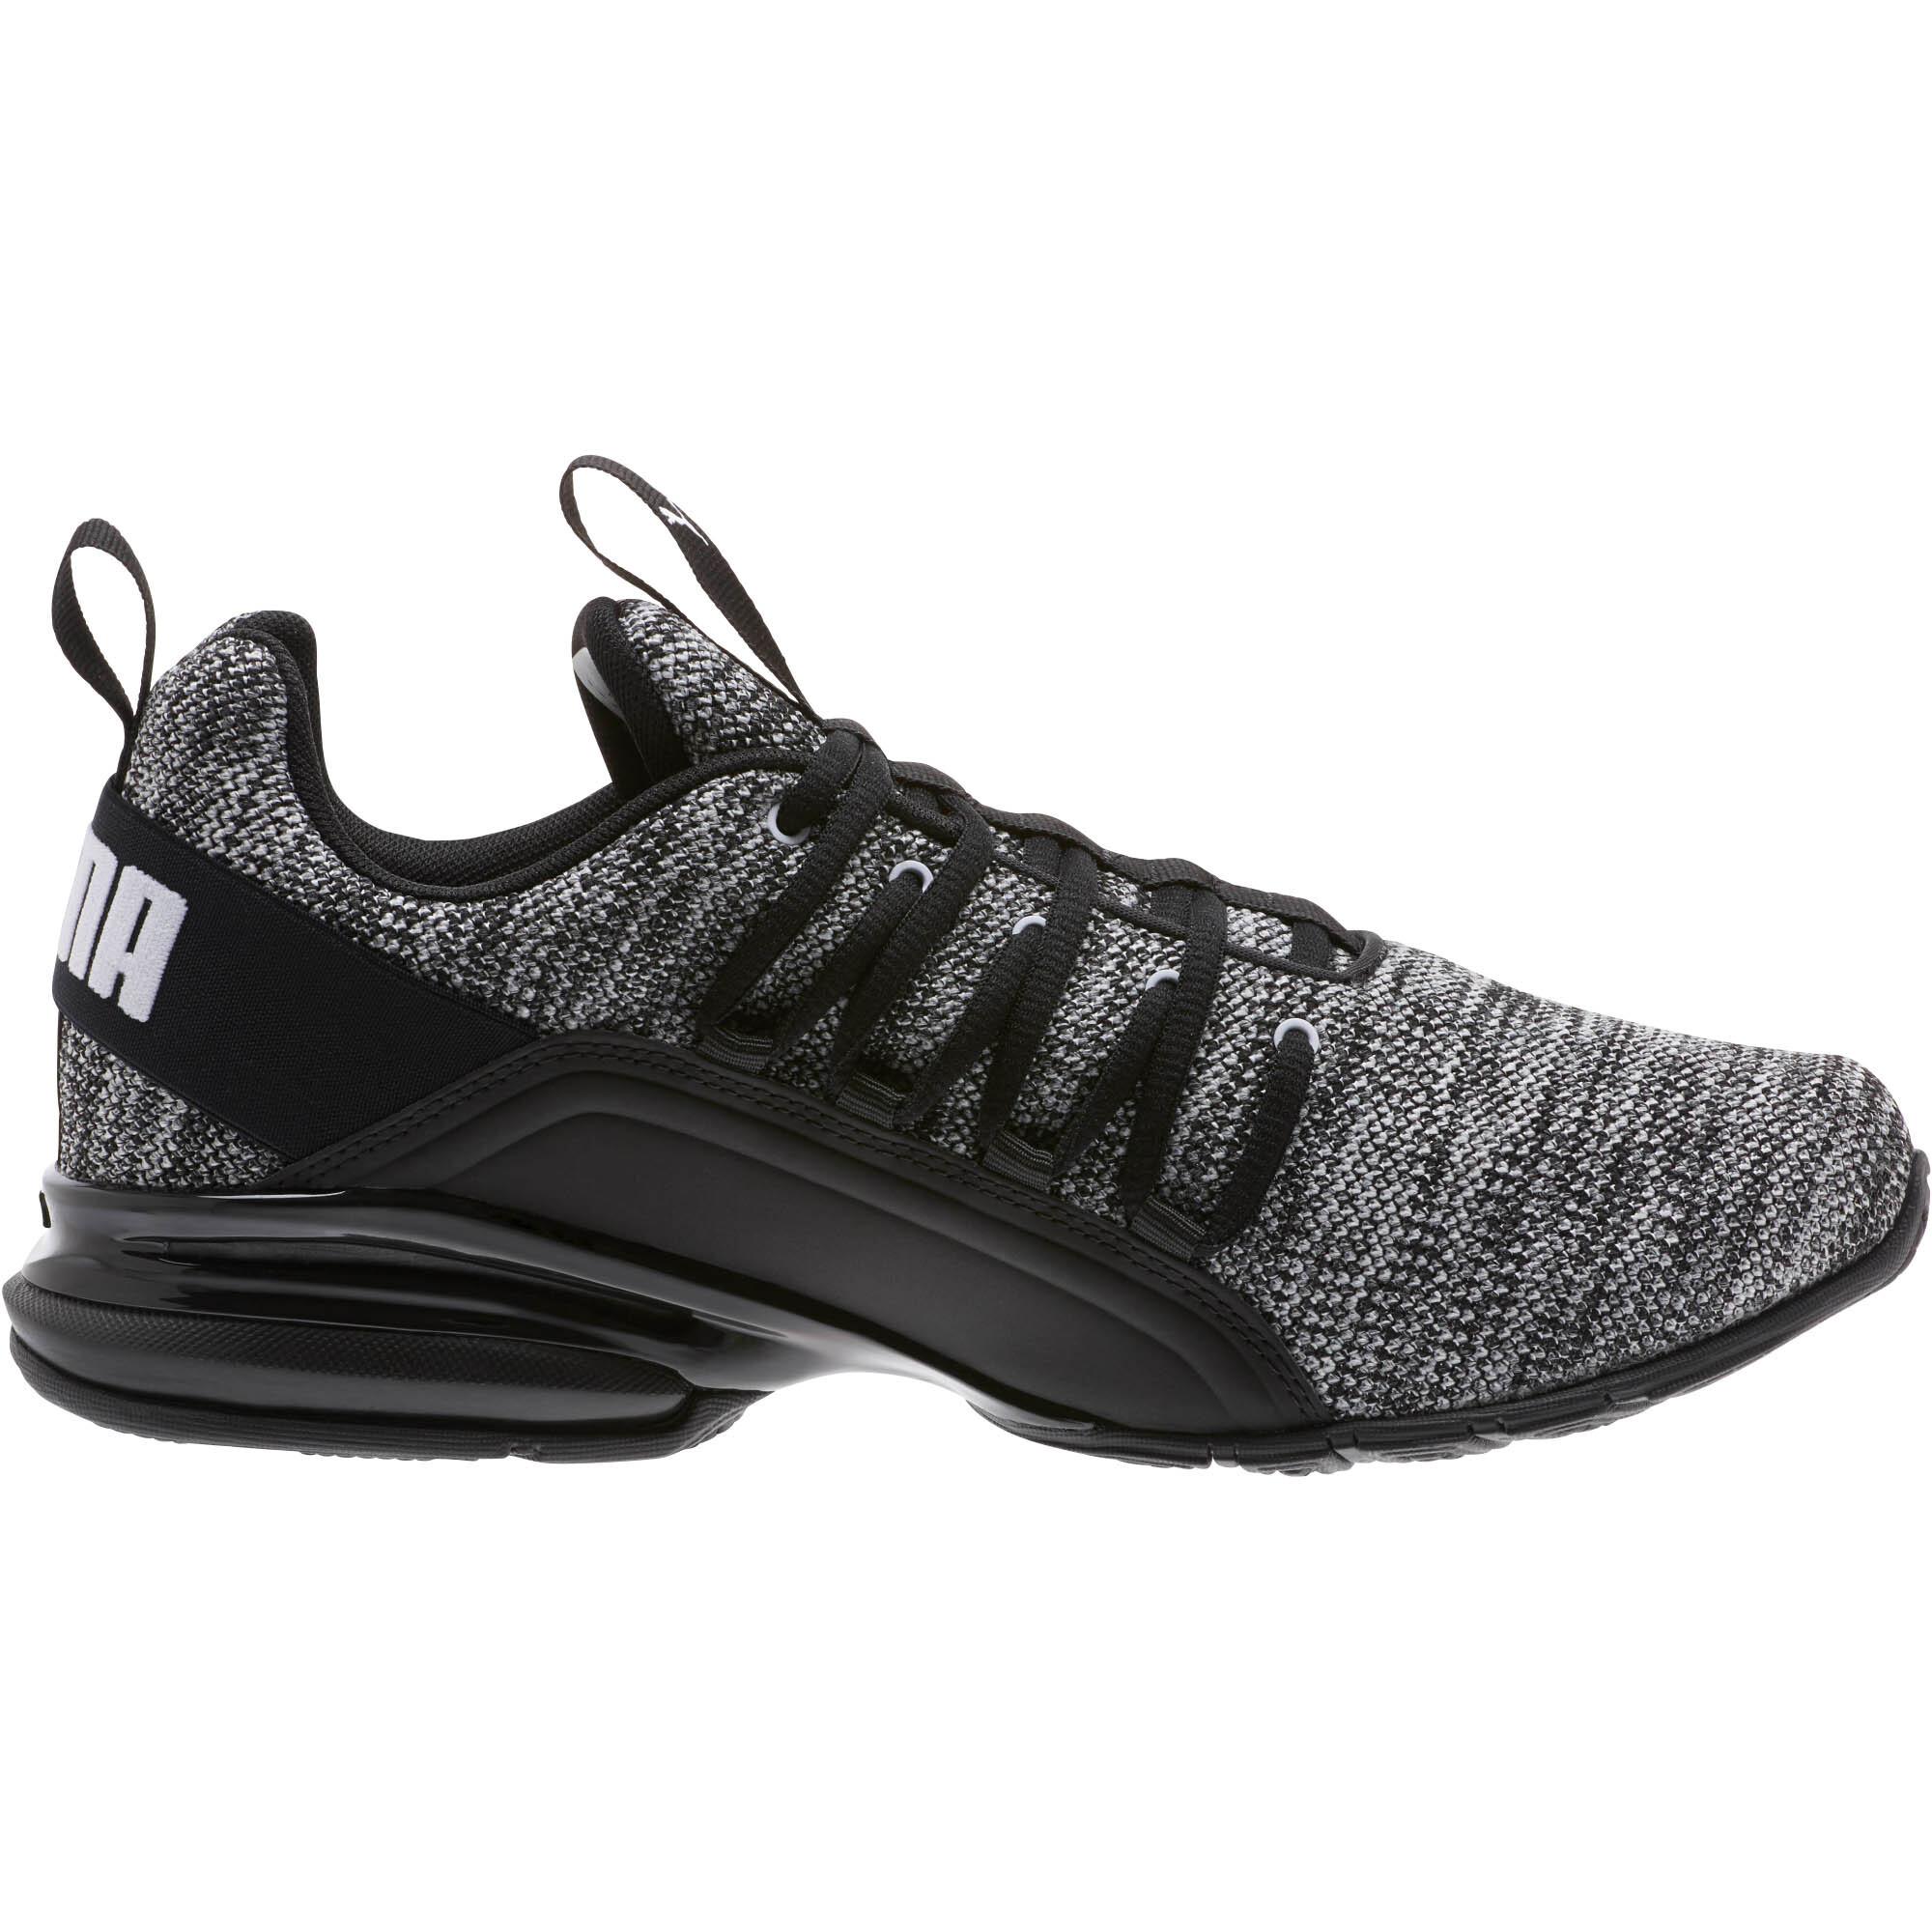 PUMA-Axelion-Wide-Men-039-s-Training-Shoes-Men-Shoe-Running miniatura 5